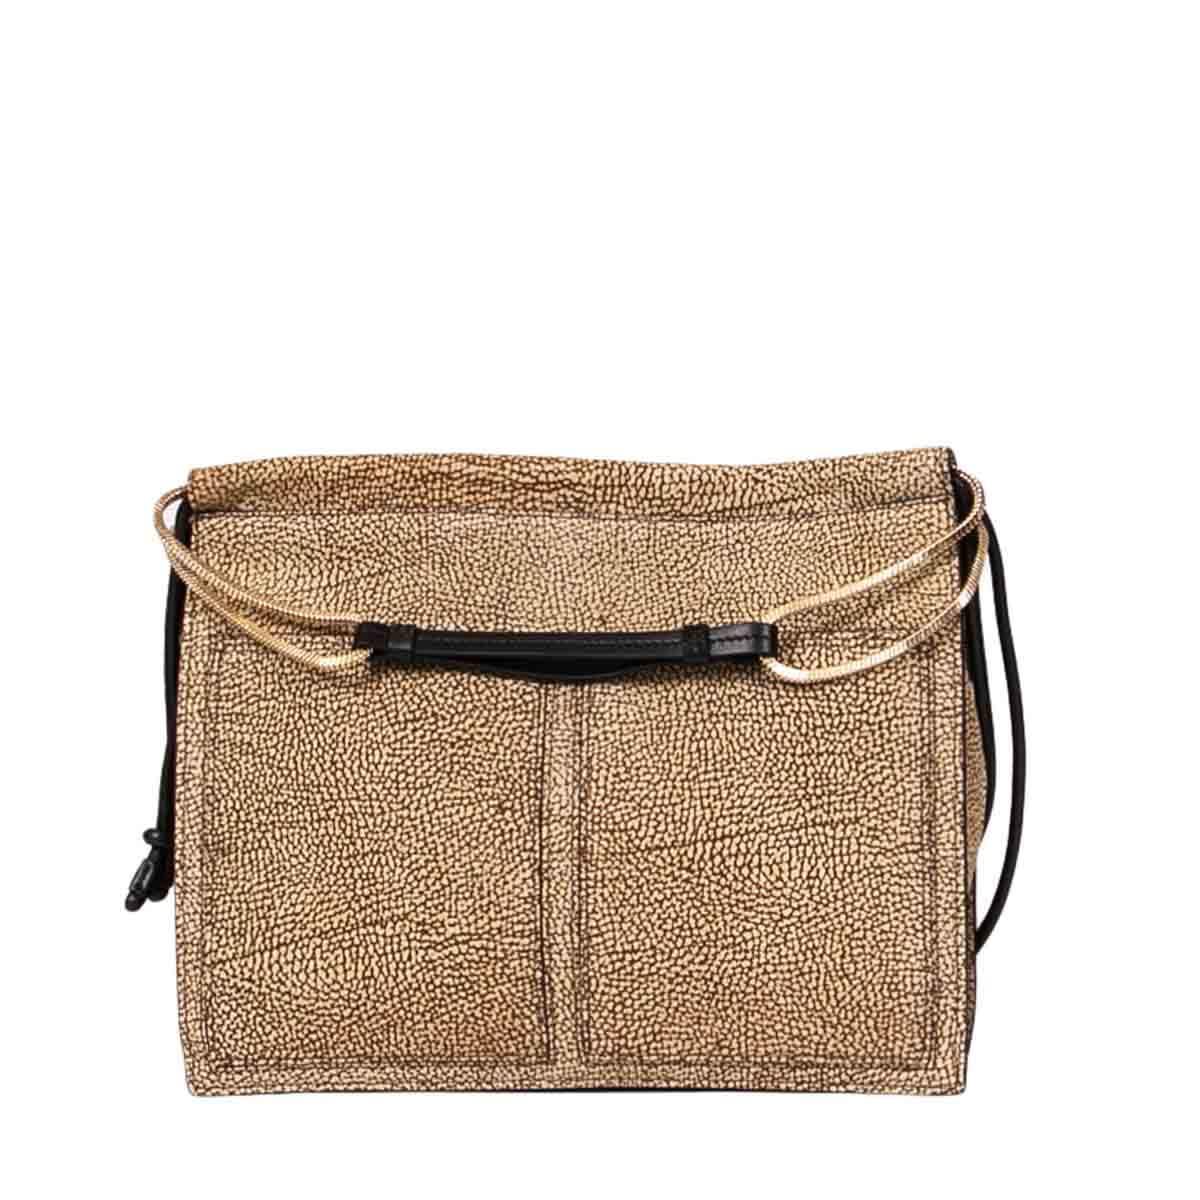 Medium Centerfold Hobo Bag